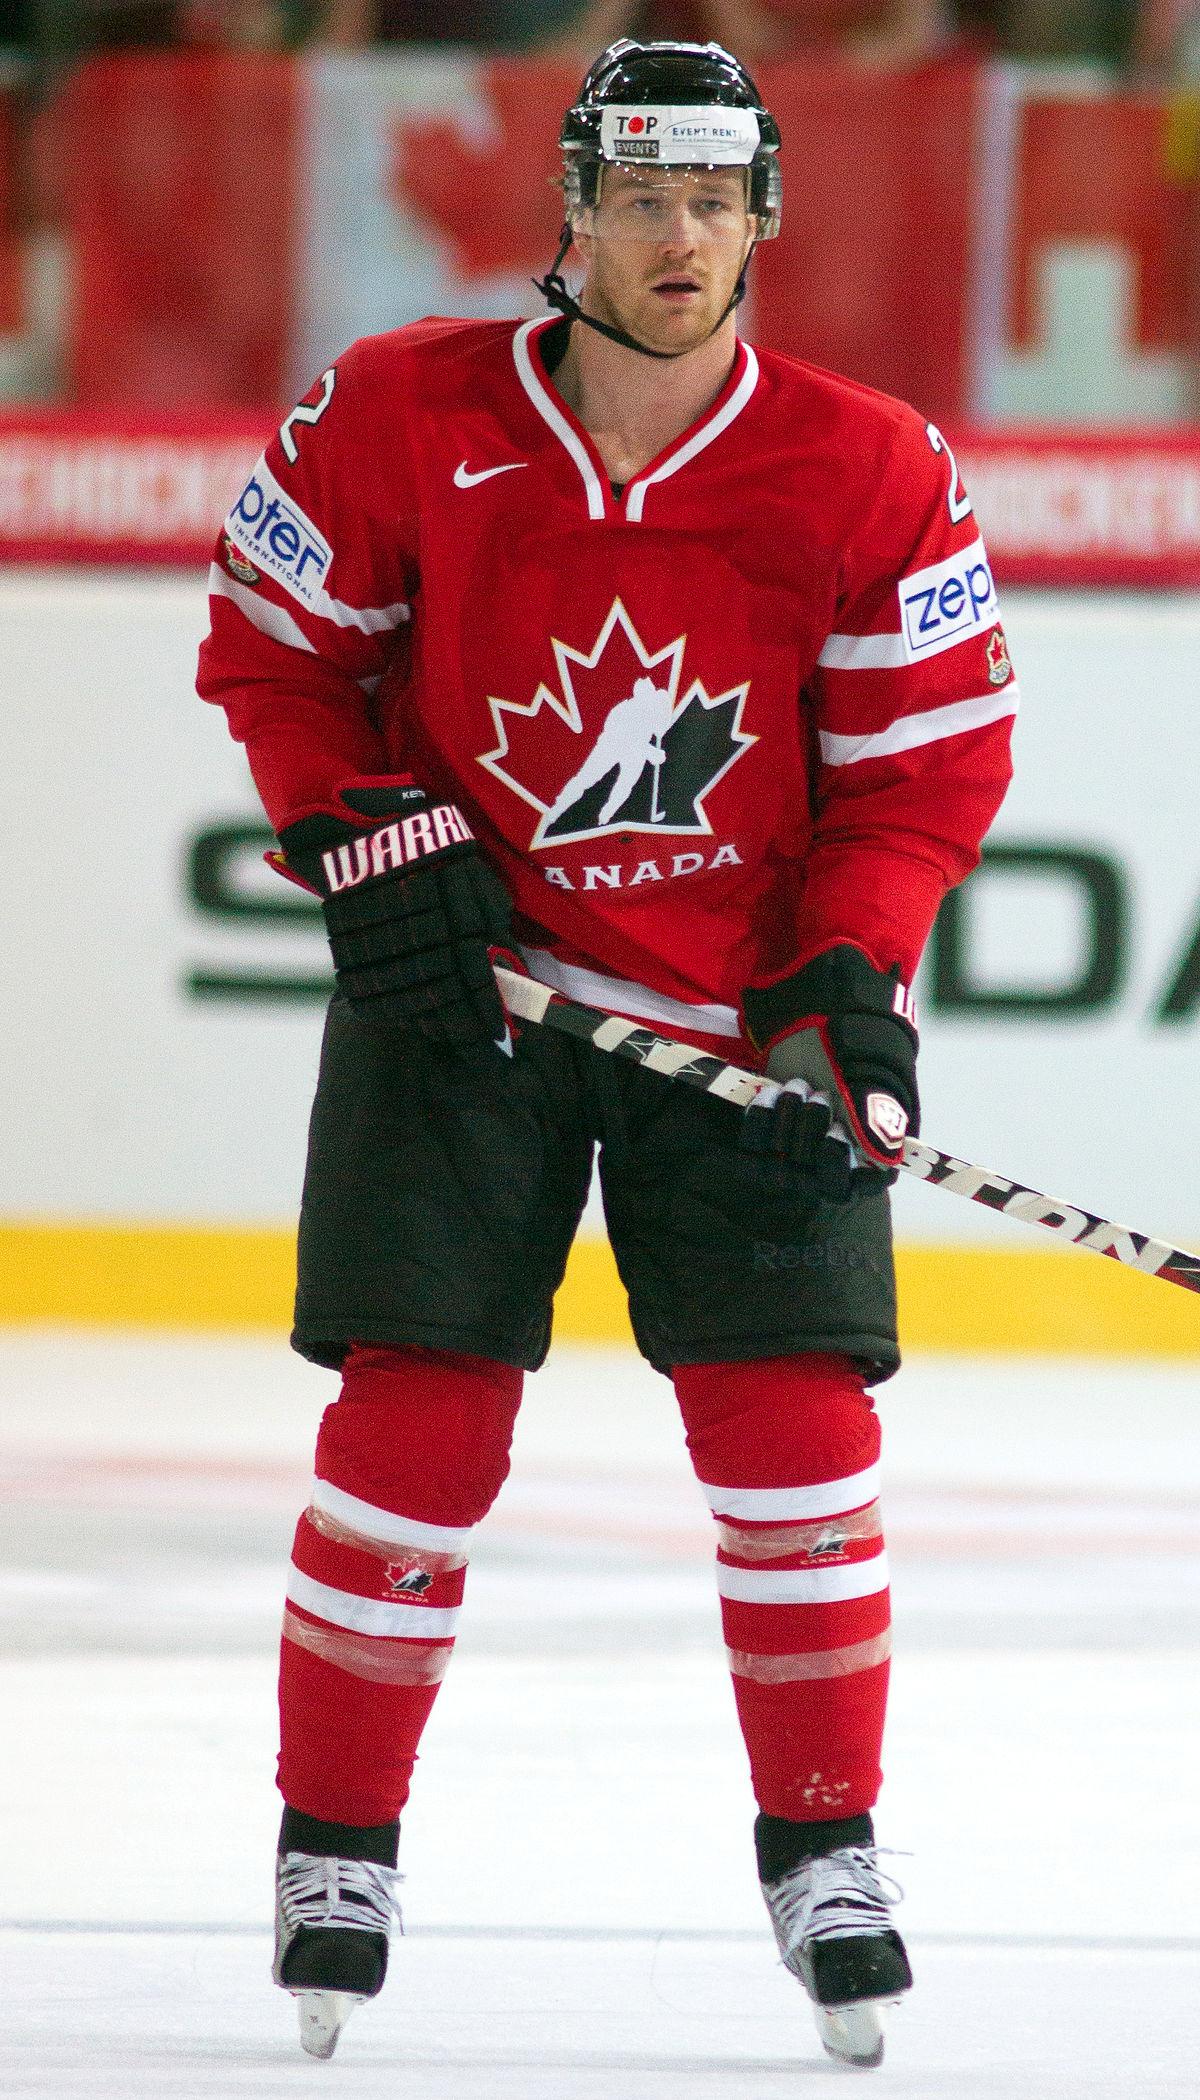 besten eishockeyspieler